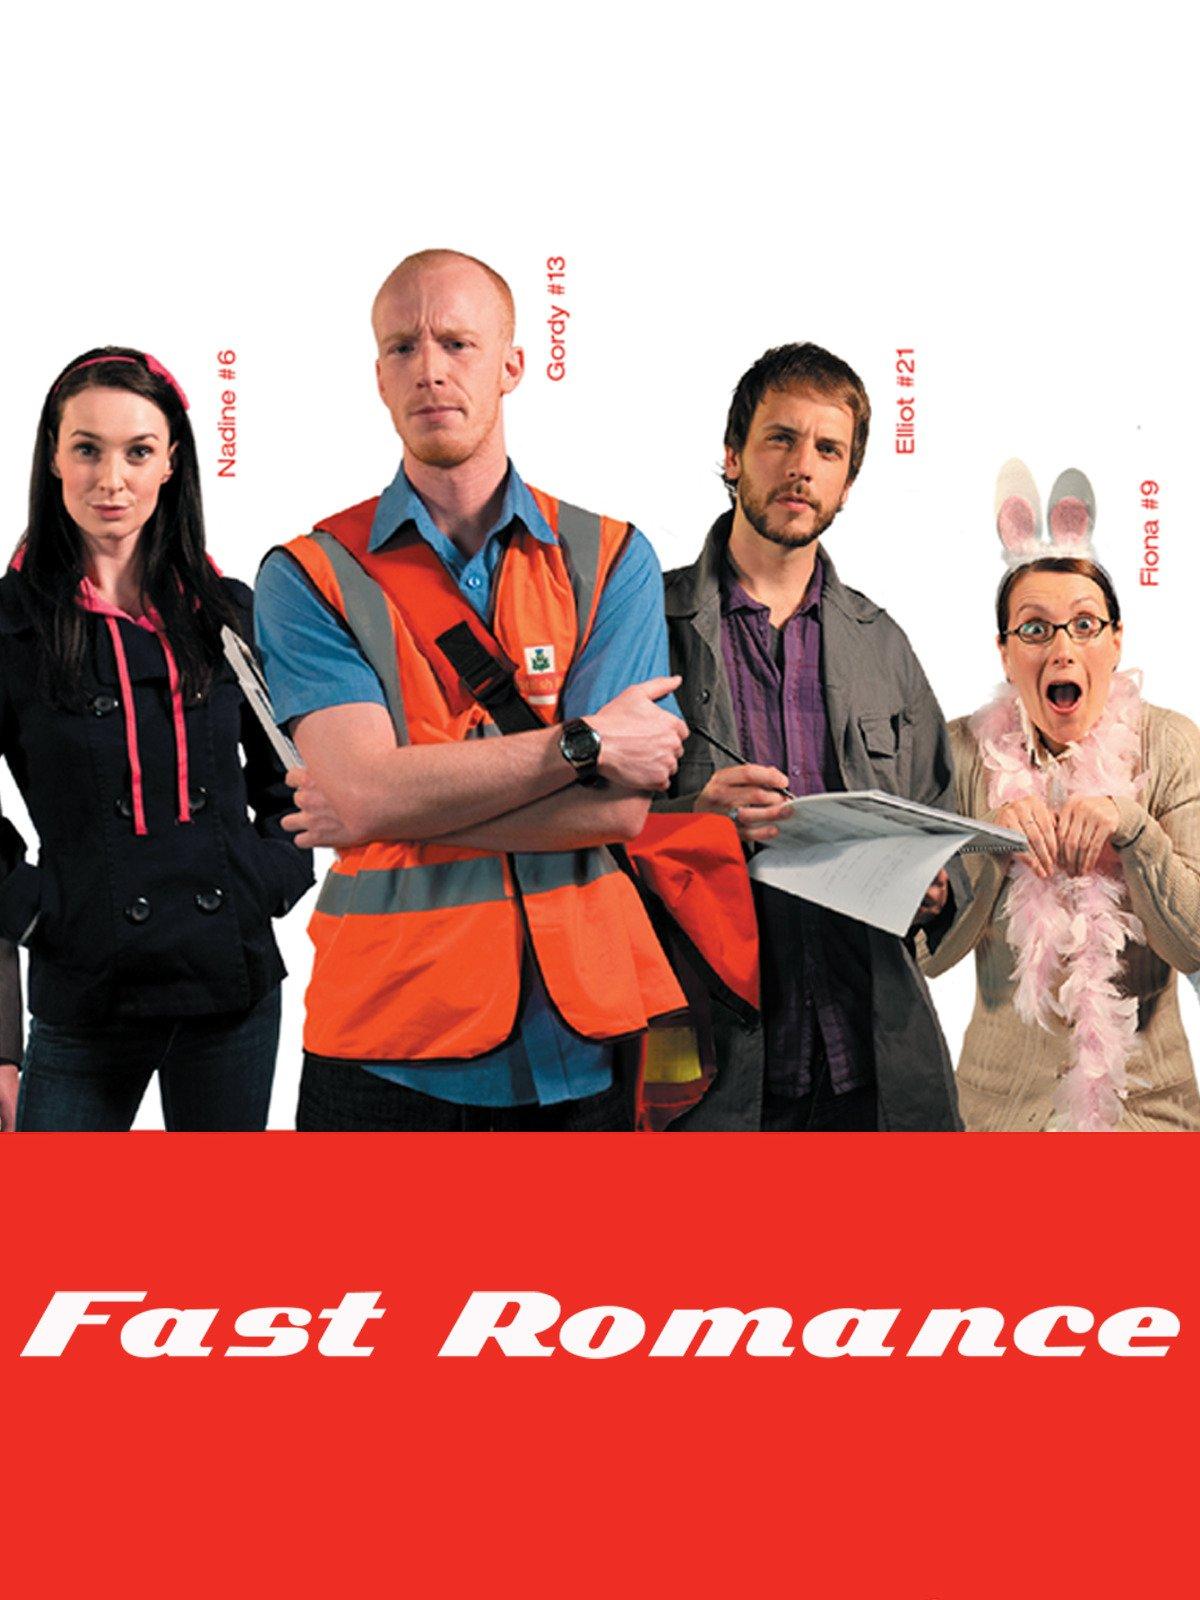 Fast Romance